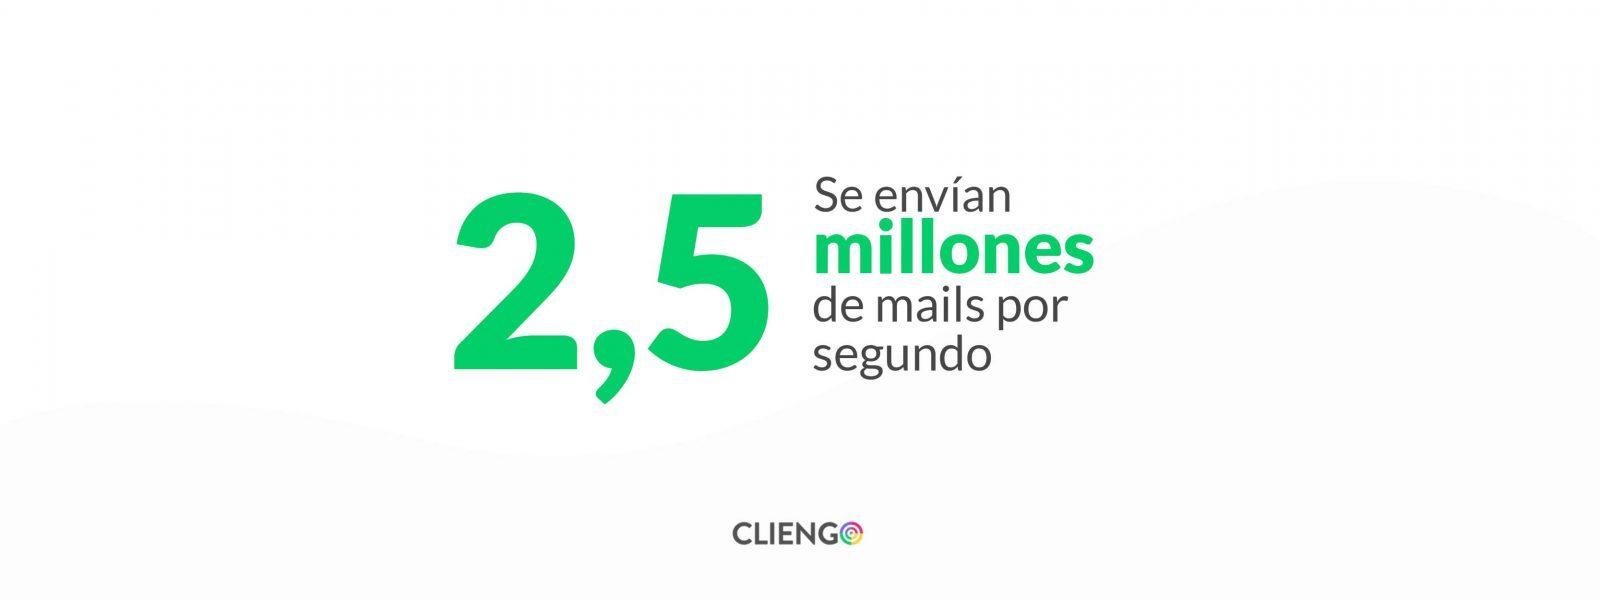 Se envian 2,5 millones de mails por segundo